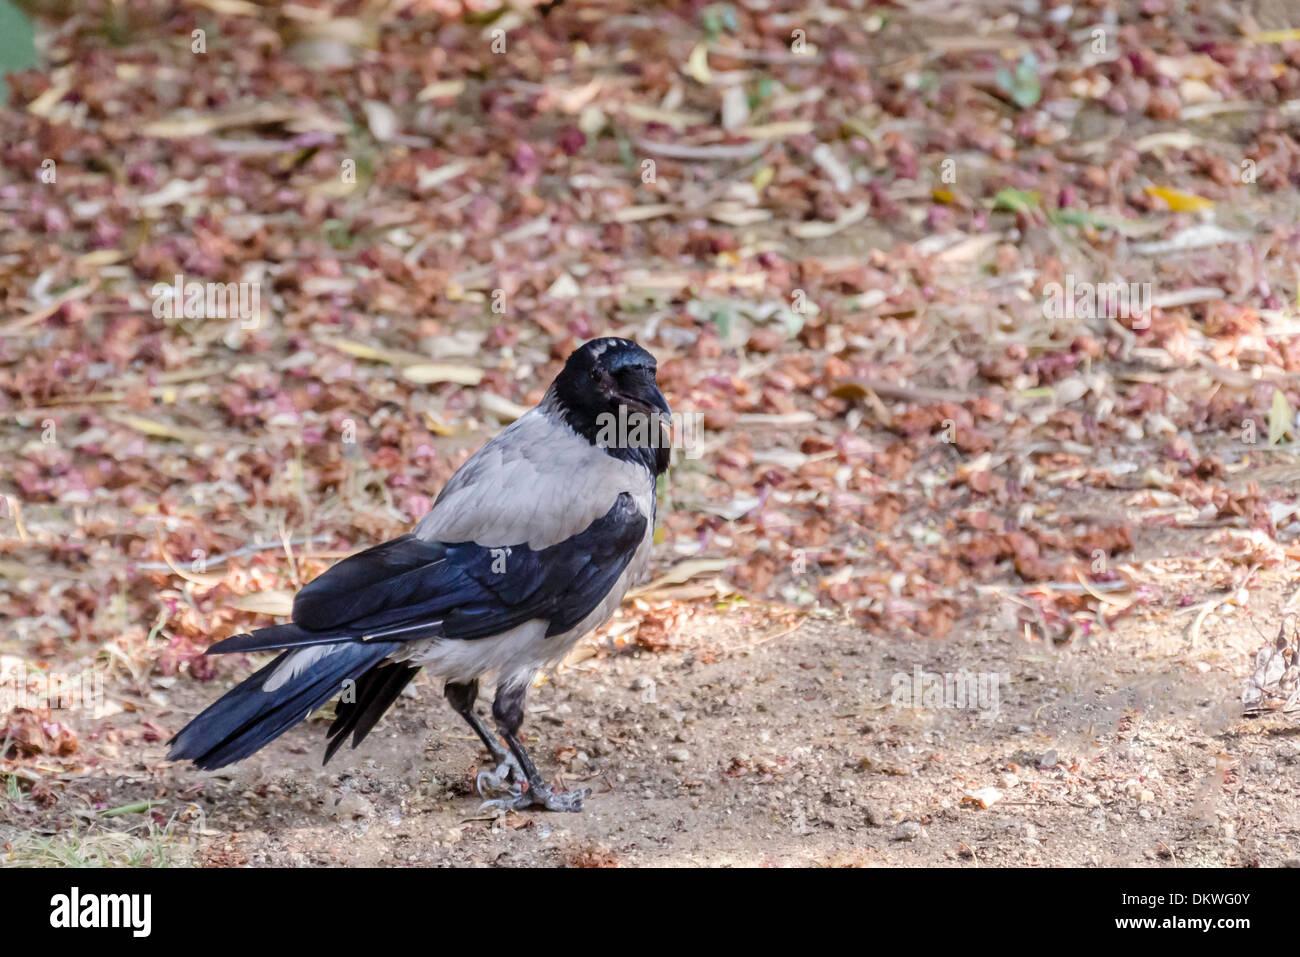 Eine Krähe saß auf einem Feld. Stockbild